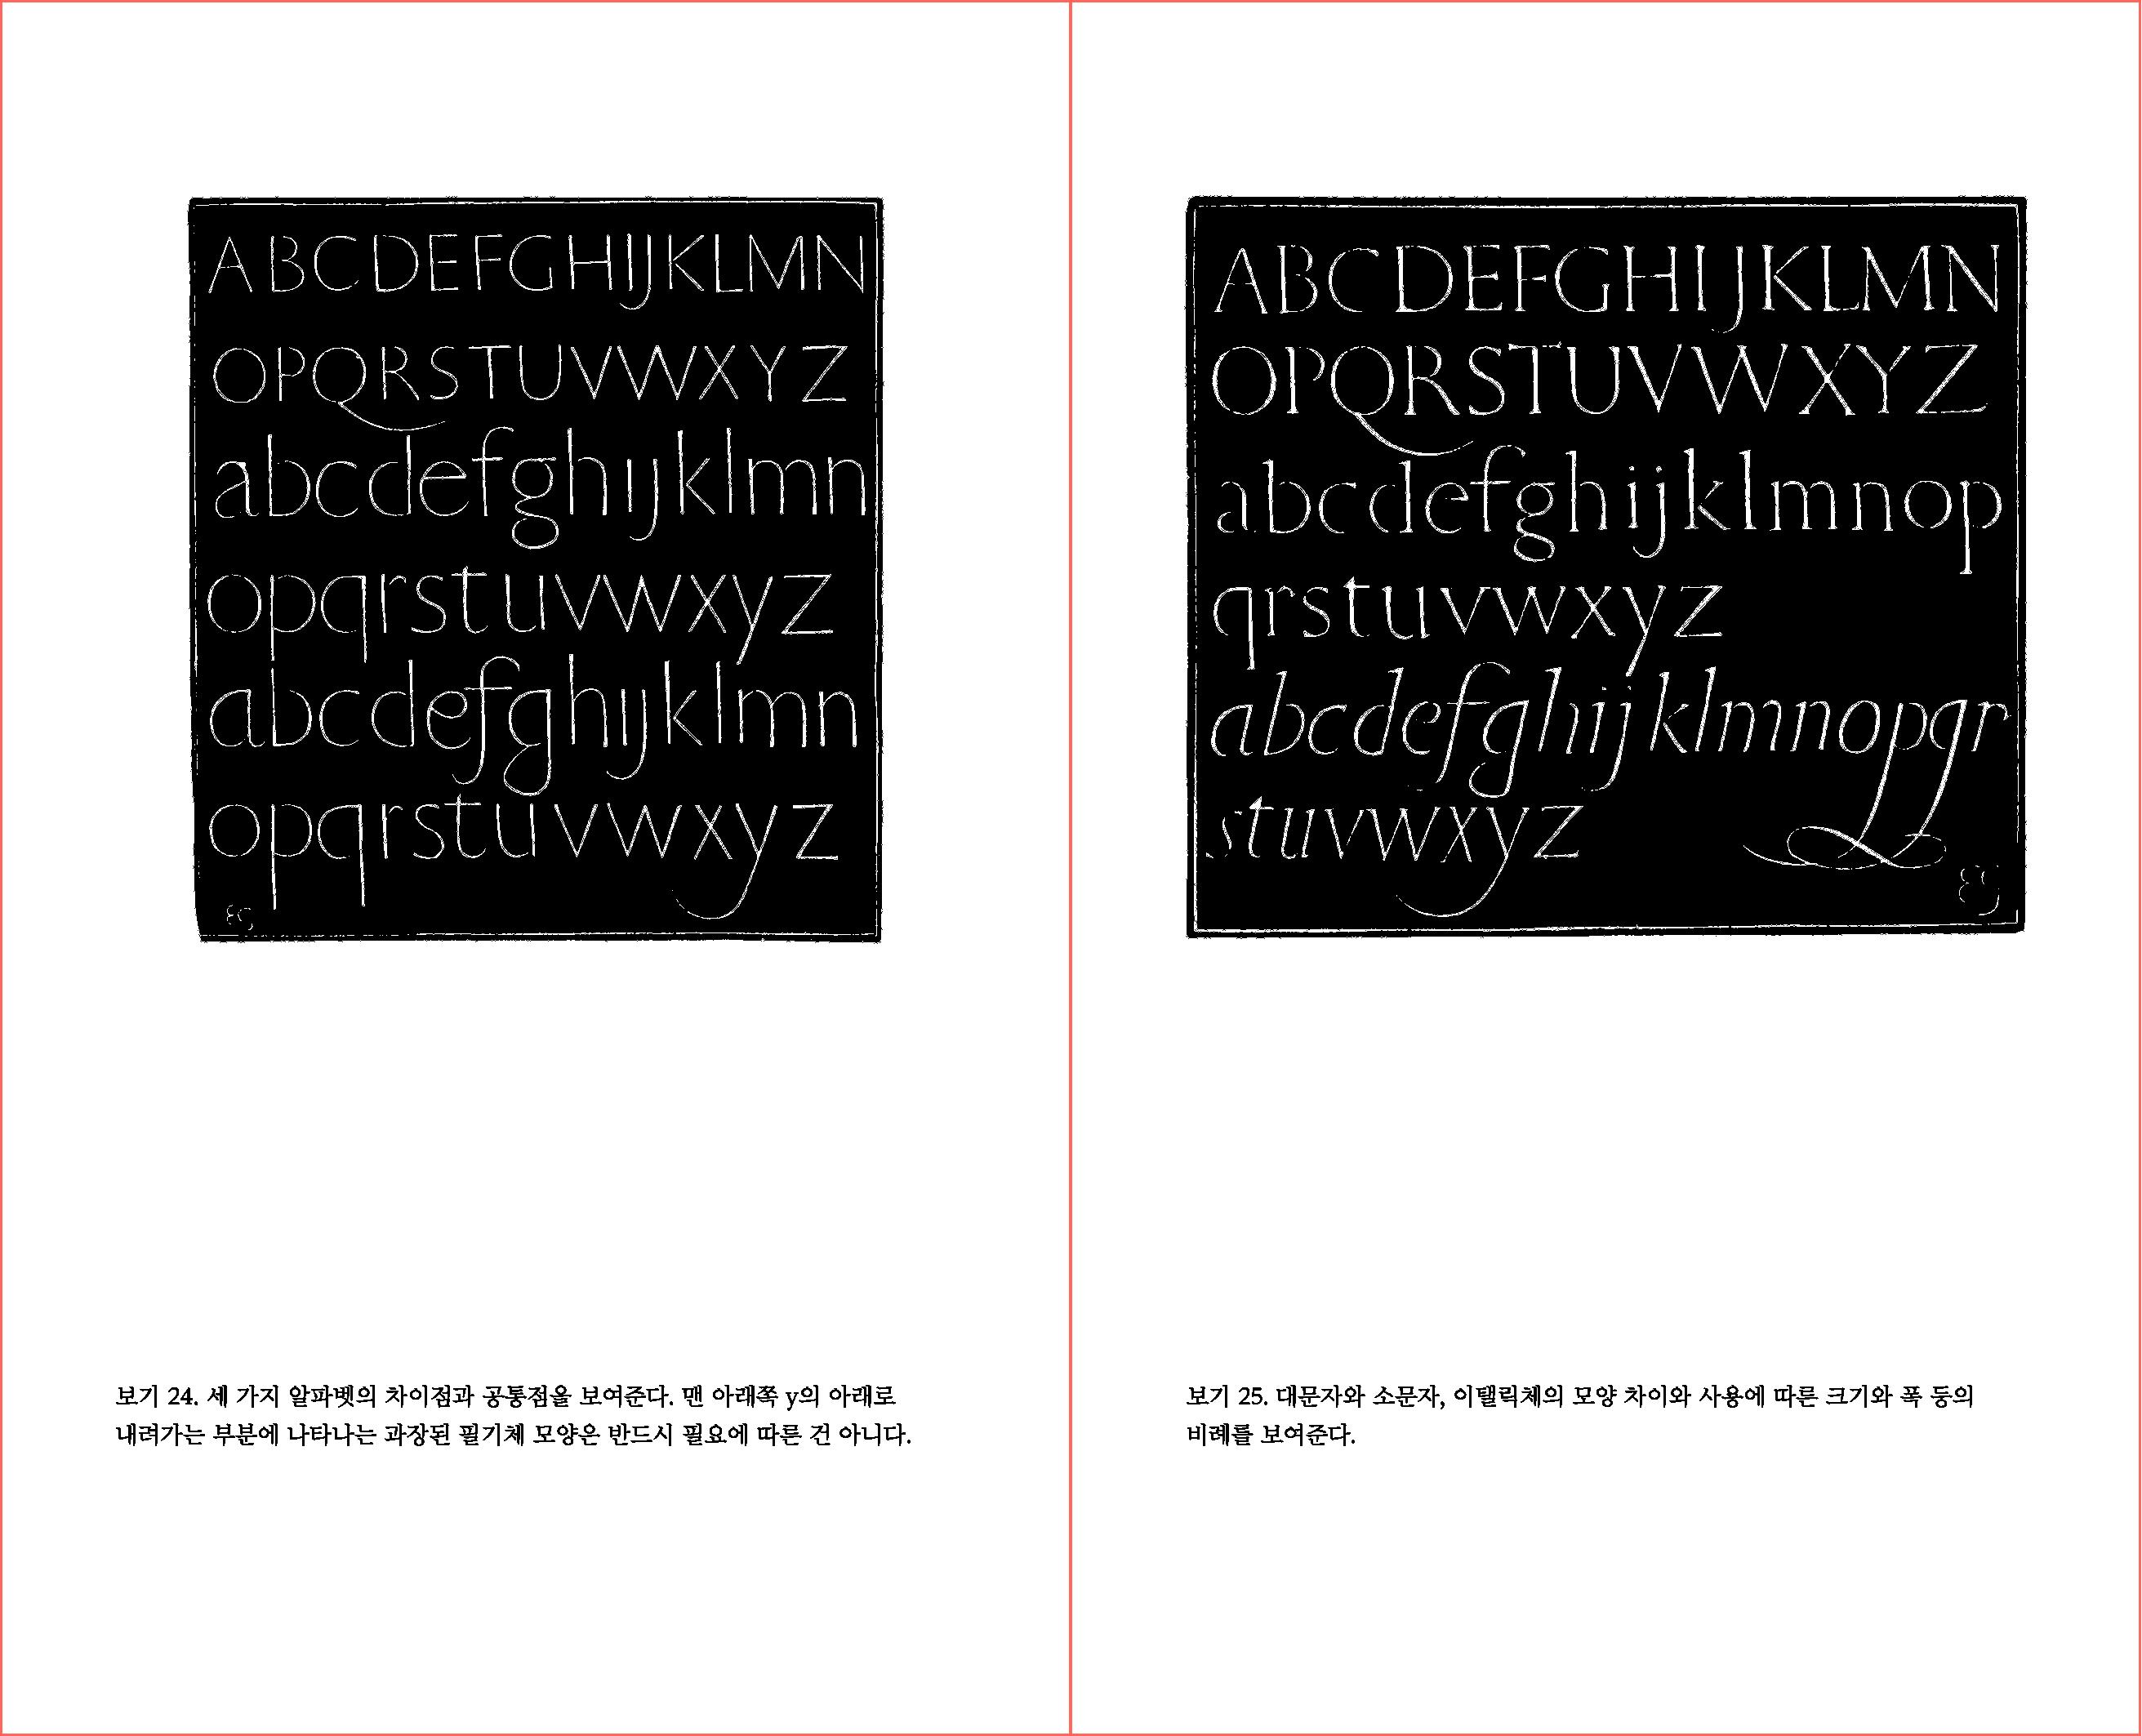 타이포그래피에 관한 에세이 74-75